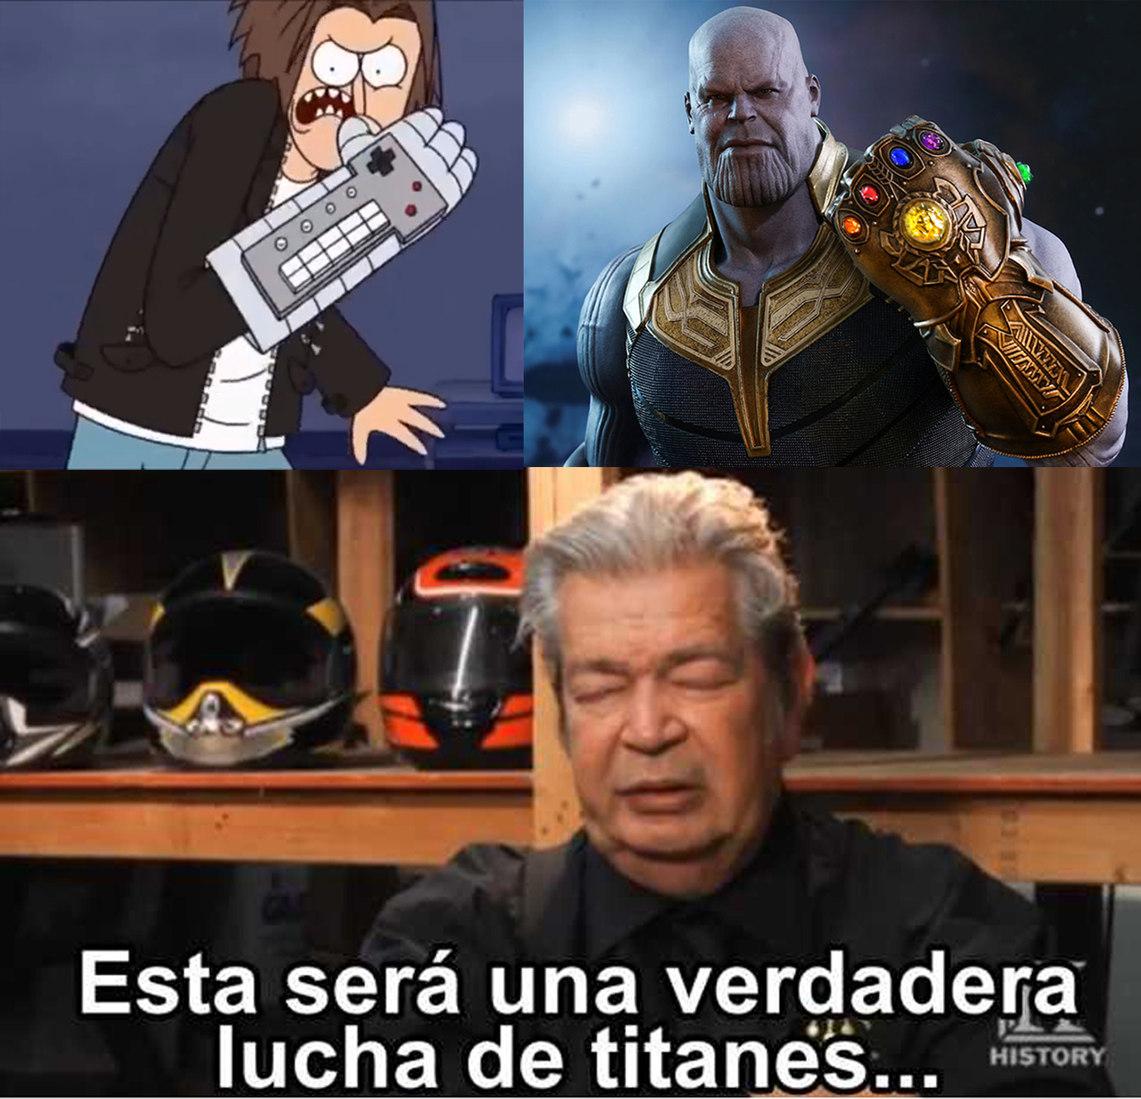 Supremo vs Infinito - meme